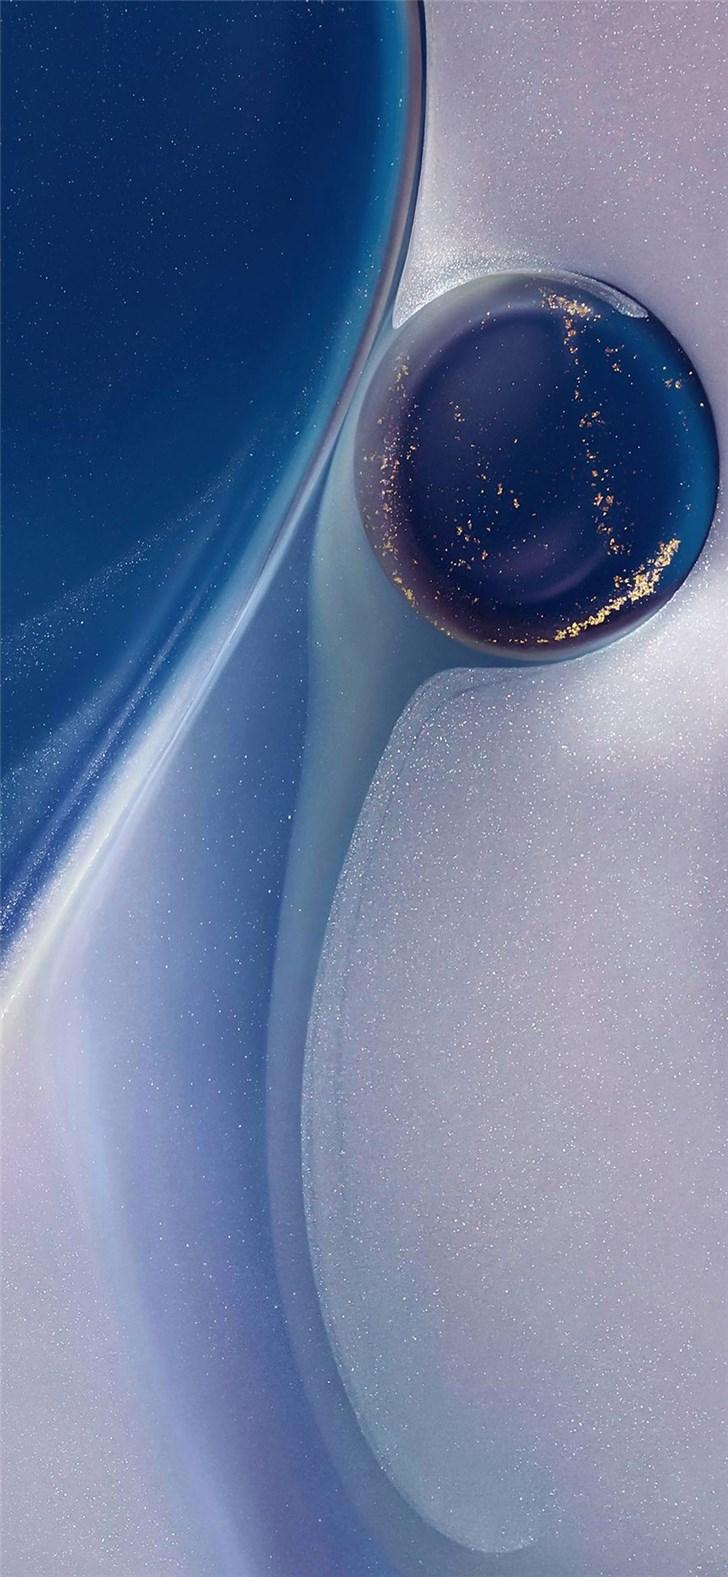 华为Mate 30系列官方内置7张壁纸下载-玩懂手机网 - 玩懂手机第一手的手机资讯网(www.wdshouji.com)